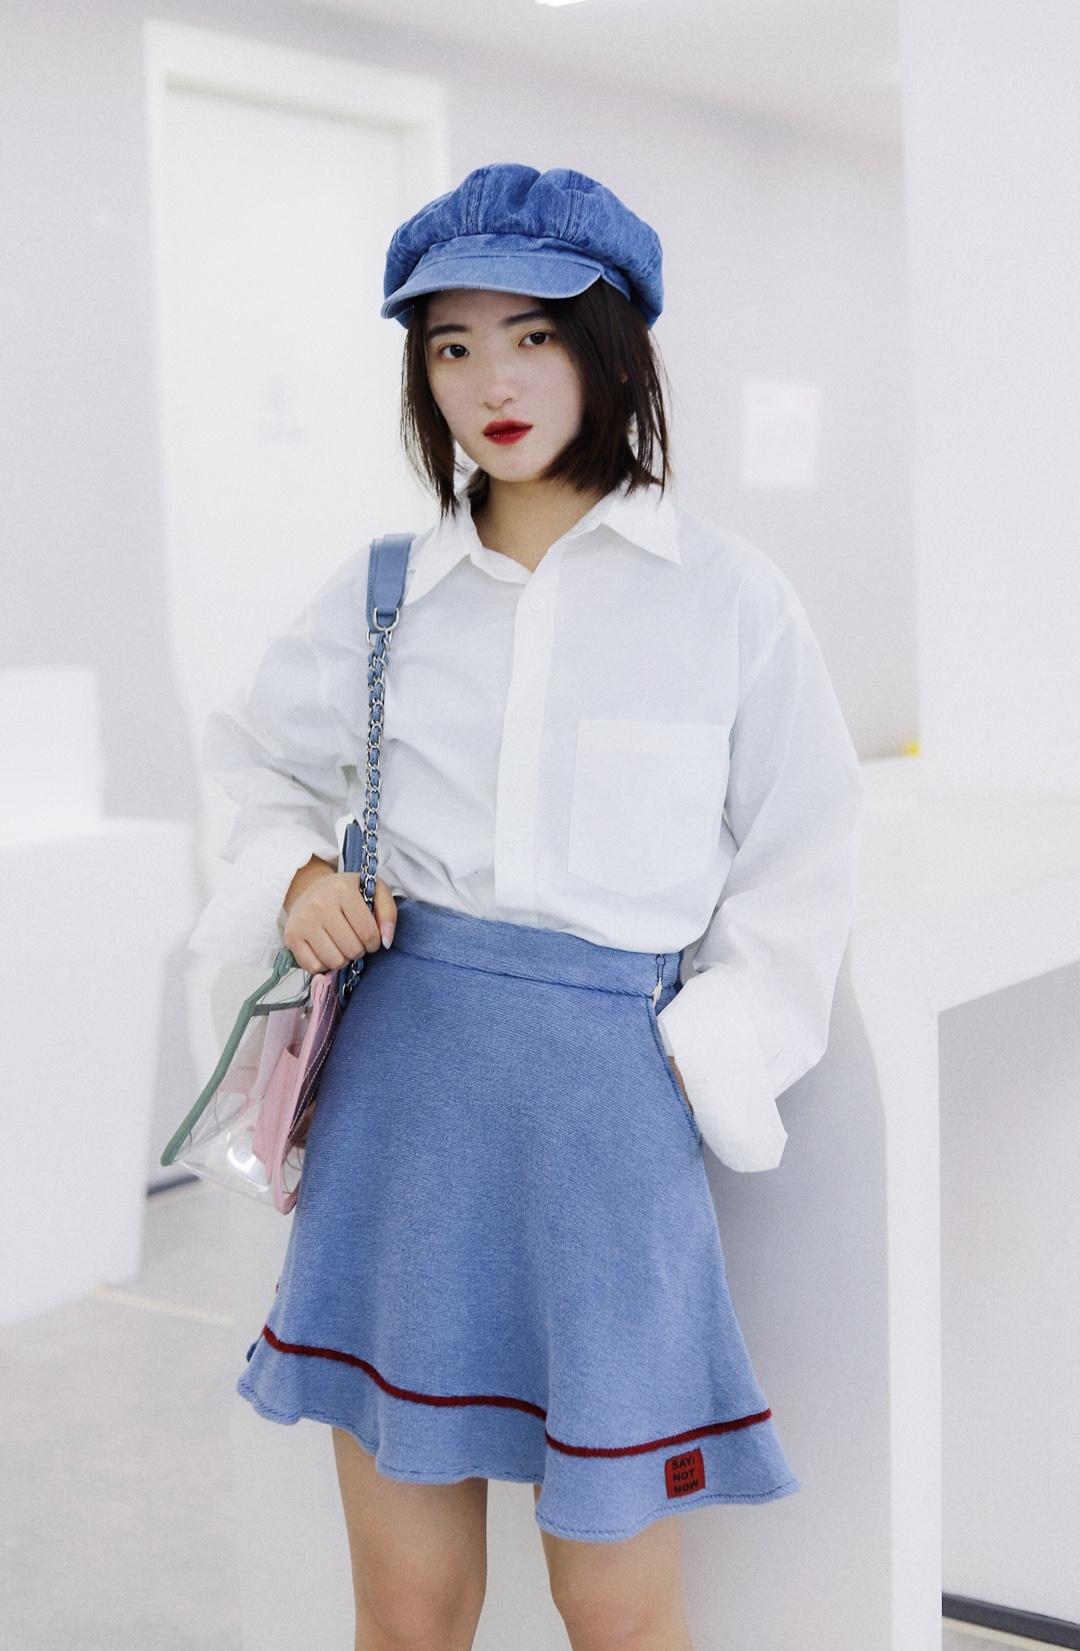 上身是一件长袖白色衬衫 下身是一条牛仔半身裙 搭配一双蓝色低帮鞋子 戴上一顶蓝色的贝雷帽 背上一个包包 这样一身很适合上班啦 #小欢喜,童文洁式白领穿搭#